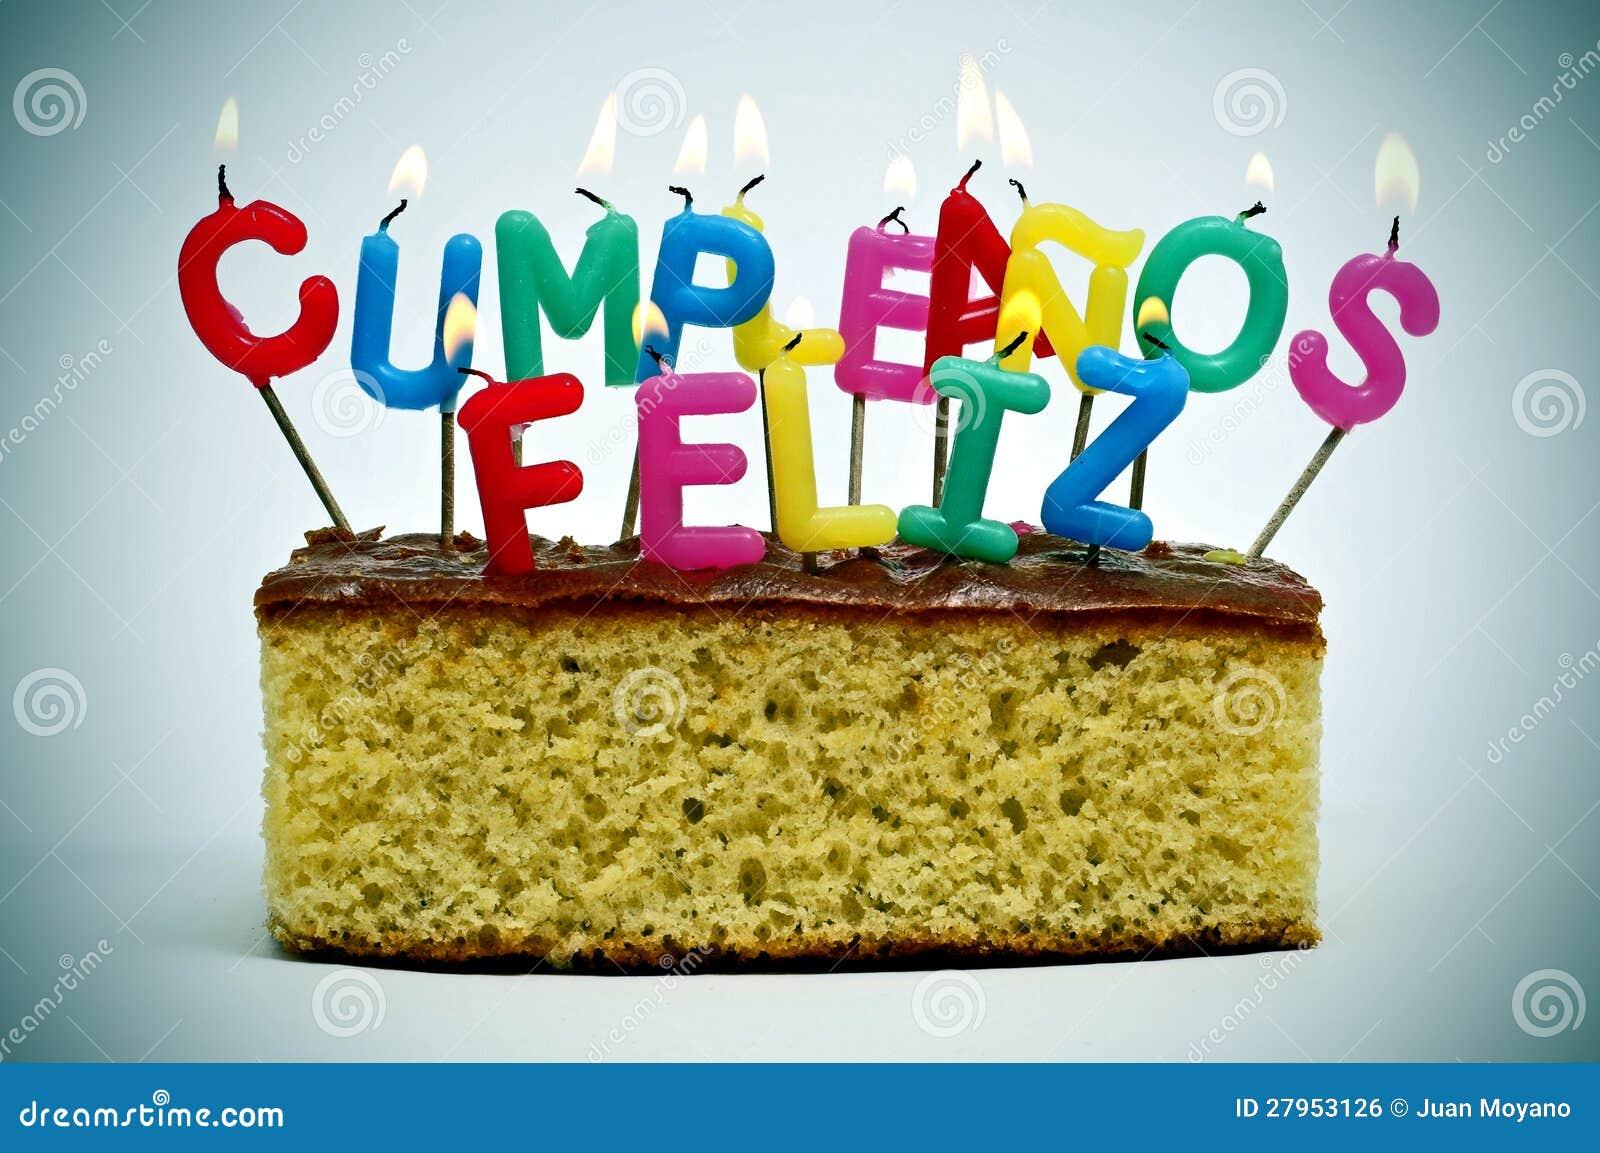 Feliz di Cumpleanos, buon compleanno nello Spagnolo